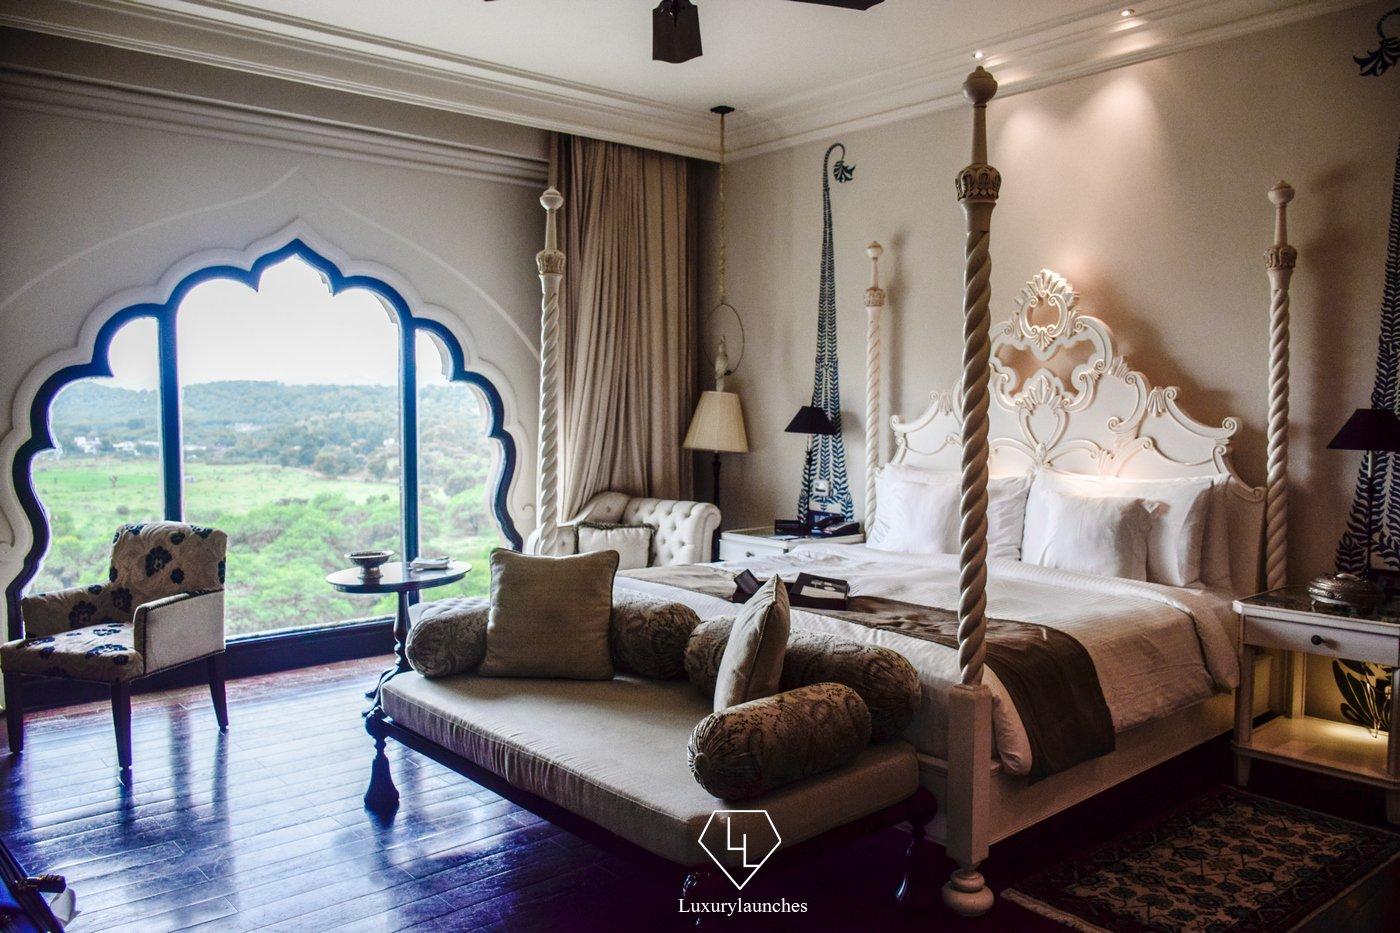 fairmont-jaipur-review-room-2.jpg (1400×933)